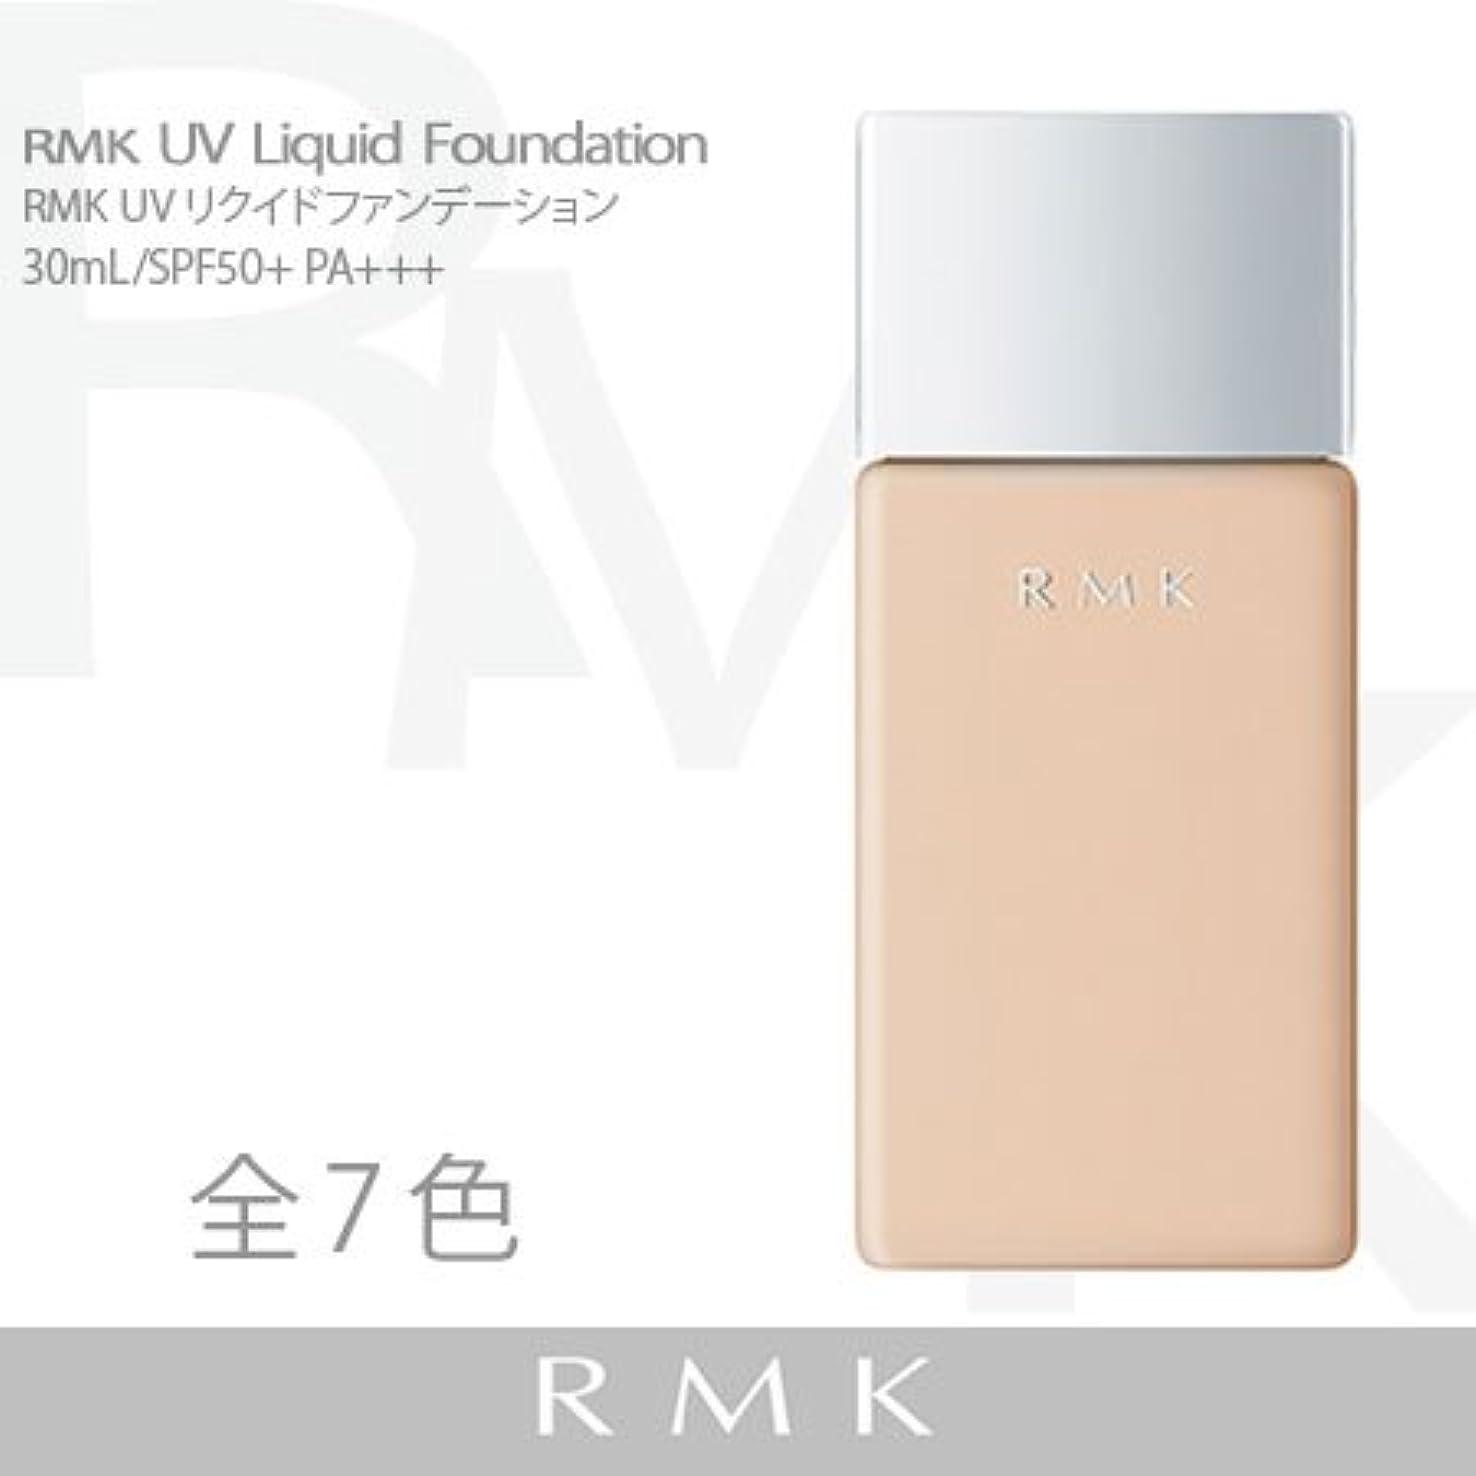 スマイル不誠実別々に【RMK (ルミコ)】UVリクイドファンデーション #104 30ml